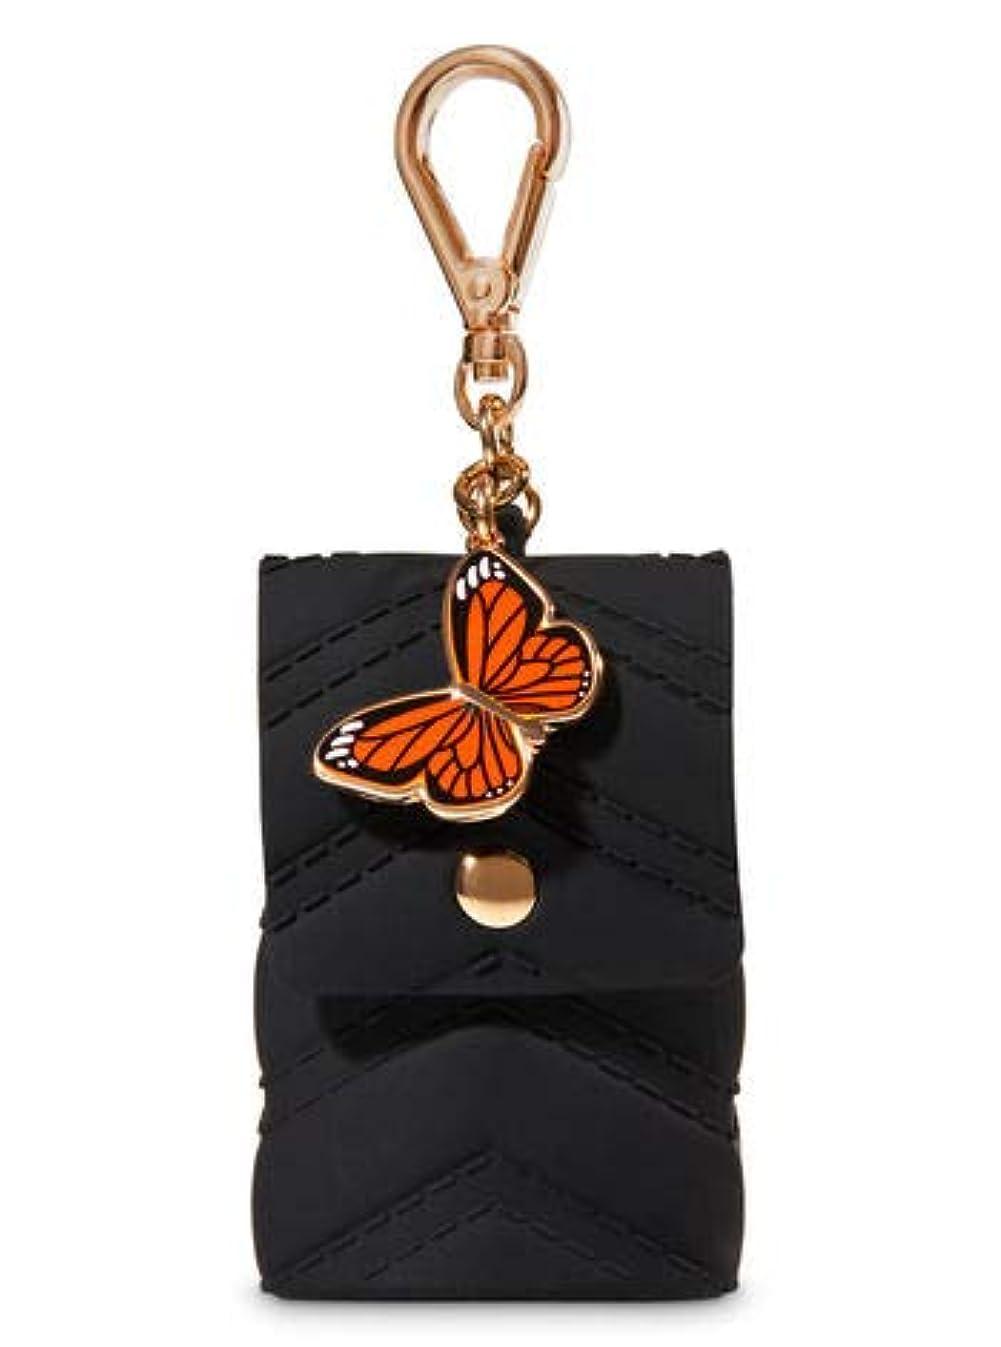 起きる病者ディスコ【Bath&Body Works/バス&ボディワークス】 抗菌ハンドジェルホルダー バタフライチャーム Pocketbac Holder Butterfly Charm [並行輸入品]